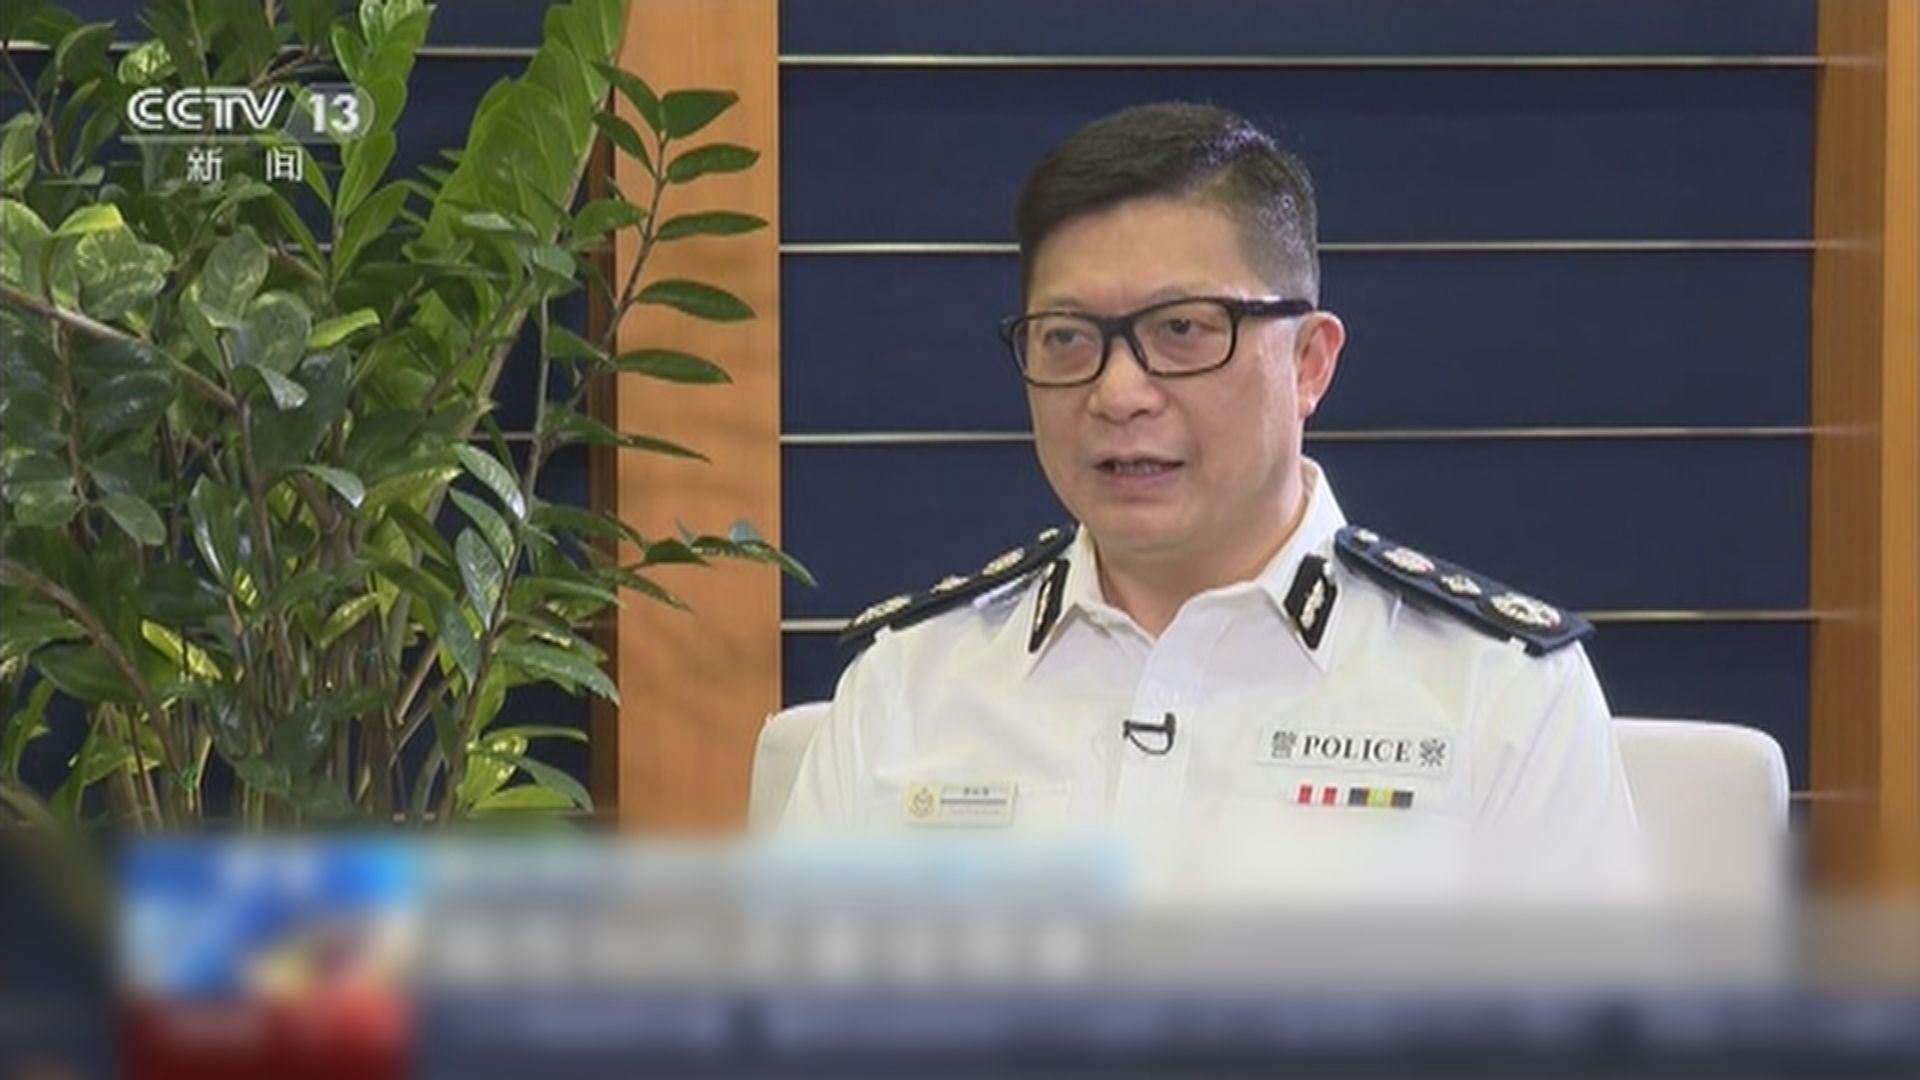 鄧炳強:對執行港區國安法充滿信心